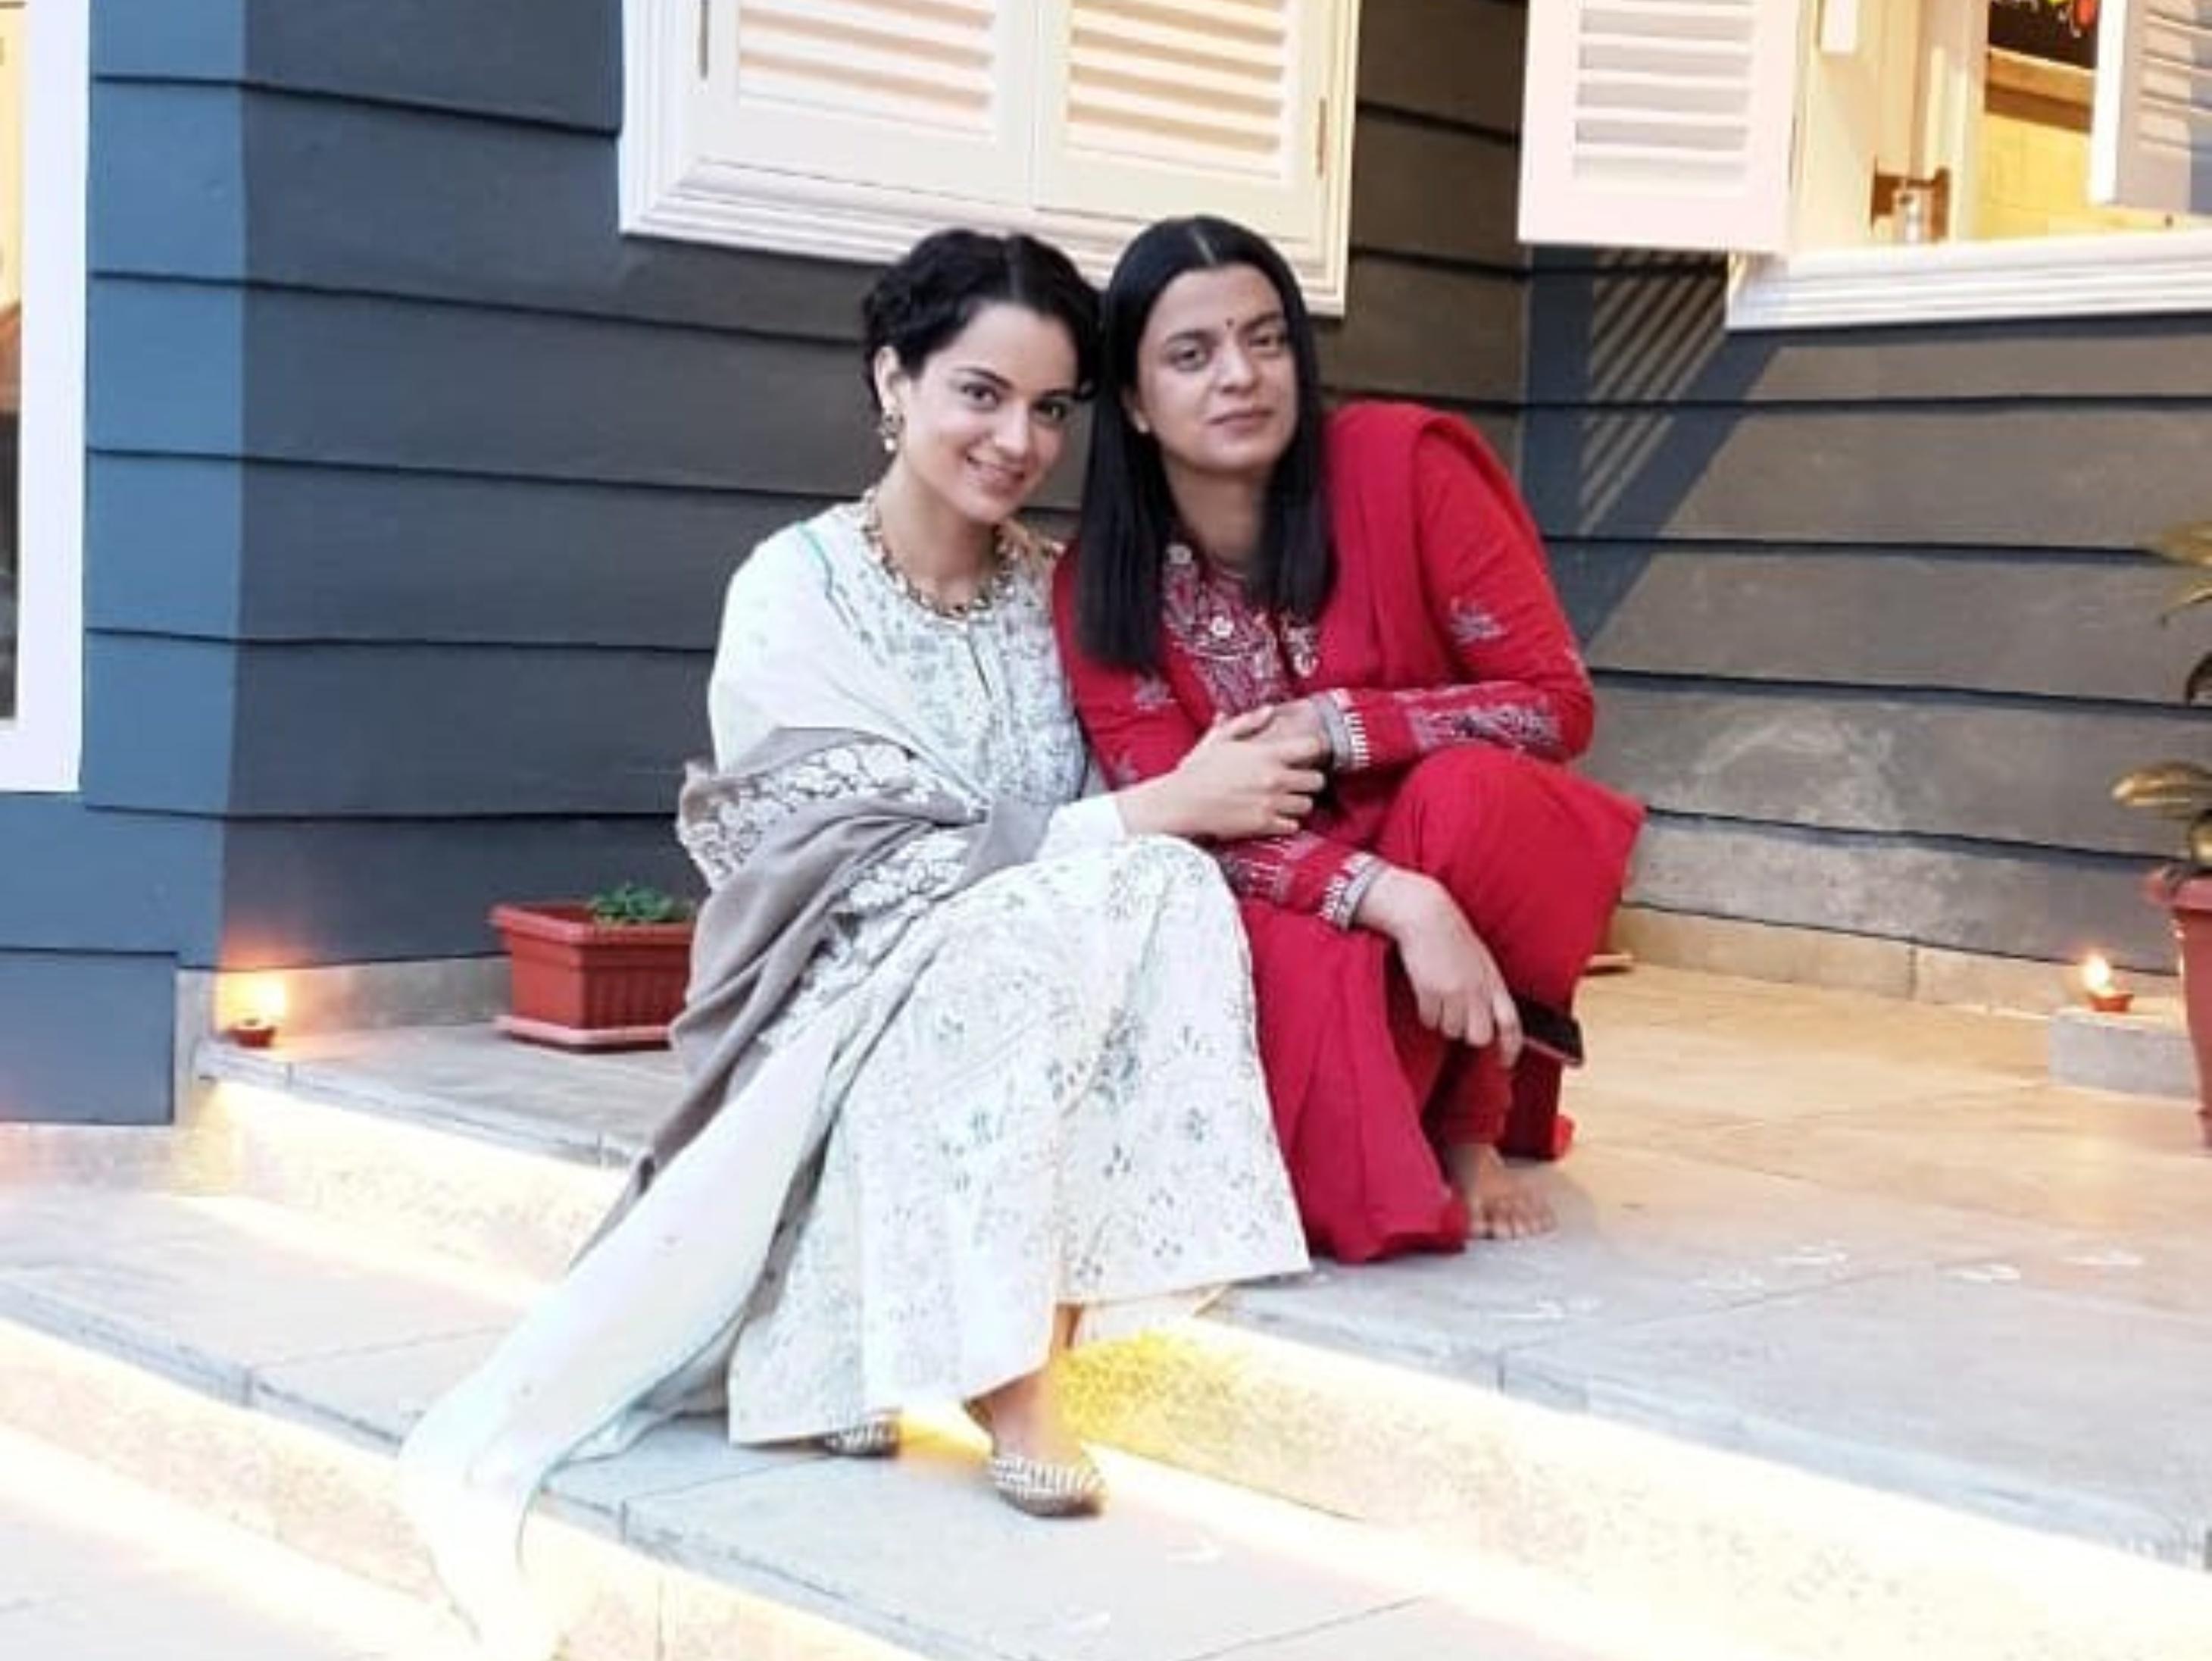 रंगोली ने कहा- आनंद भूषण पर केस करूंगी, क्योंकि वो कंगना के नाम का फायदा उठाने की कोशिश कर रहे|बॉलीवुड,Bollywood - Dainik Bhaskar